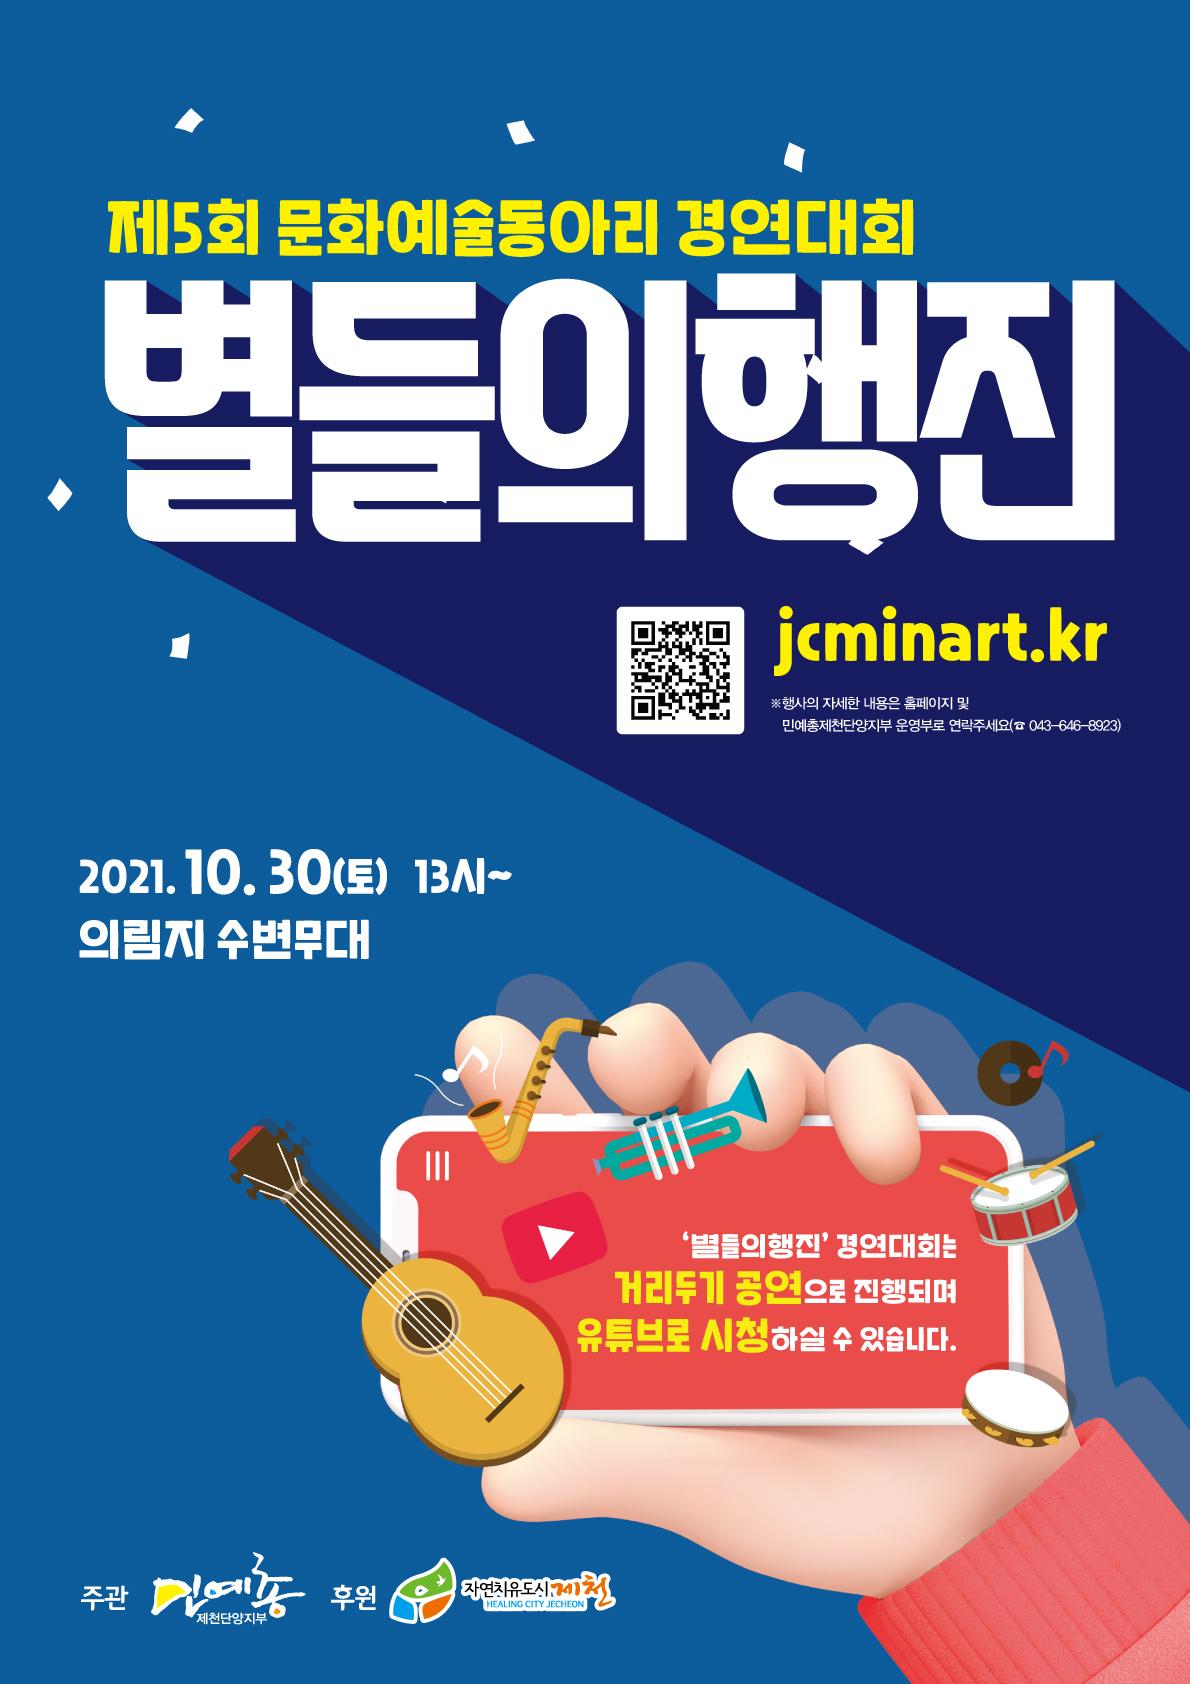 생활문화동호회축제 '2021별들의행진'개최